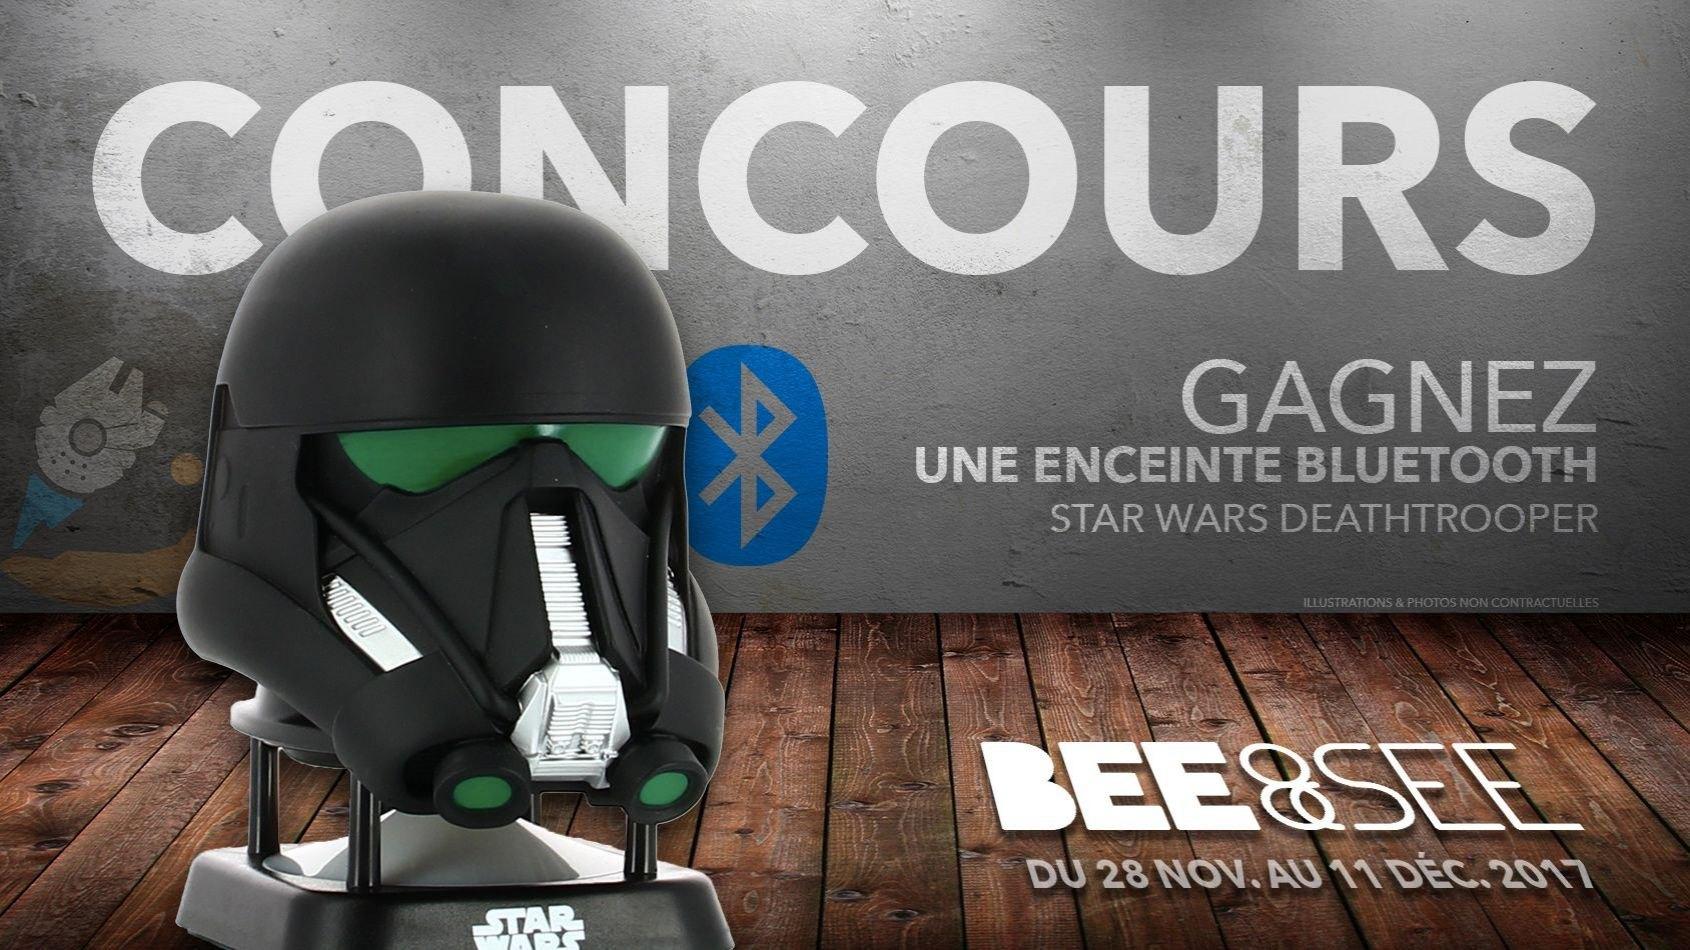 CONCOURS - Gagnez une enceinte Deathtrooper avec BeeAndSee